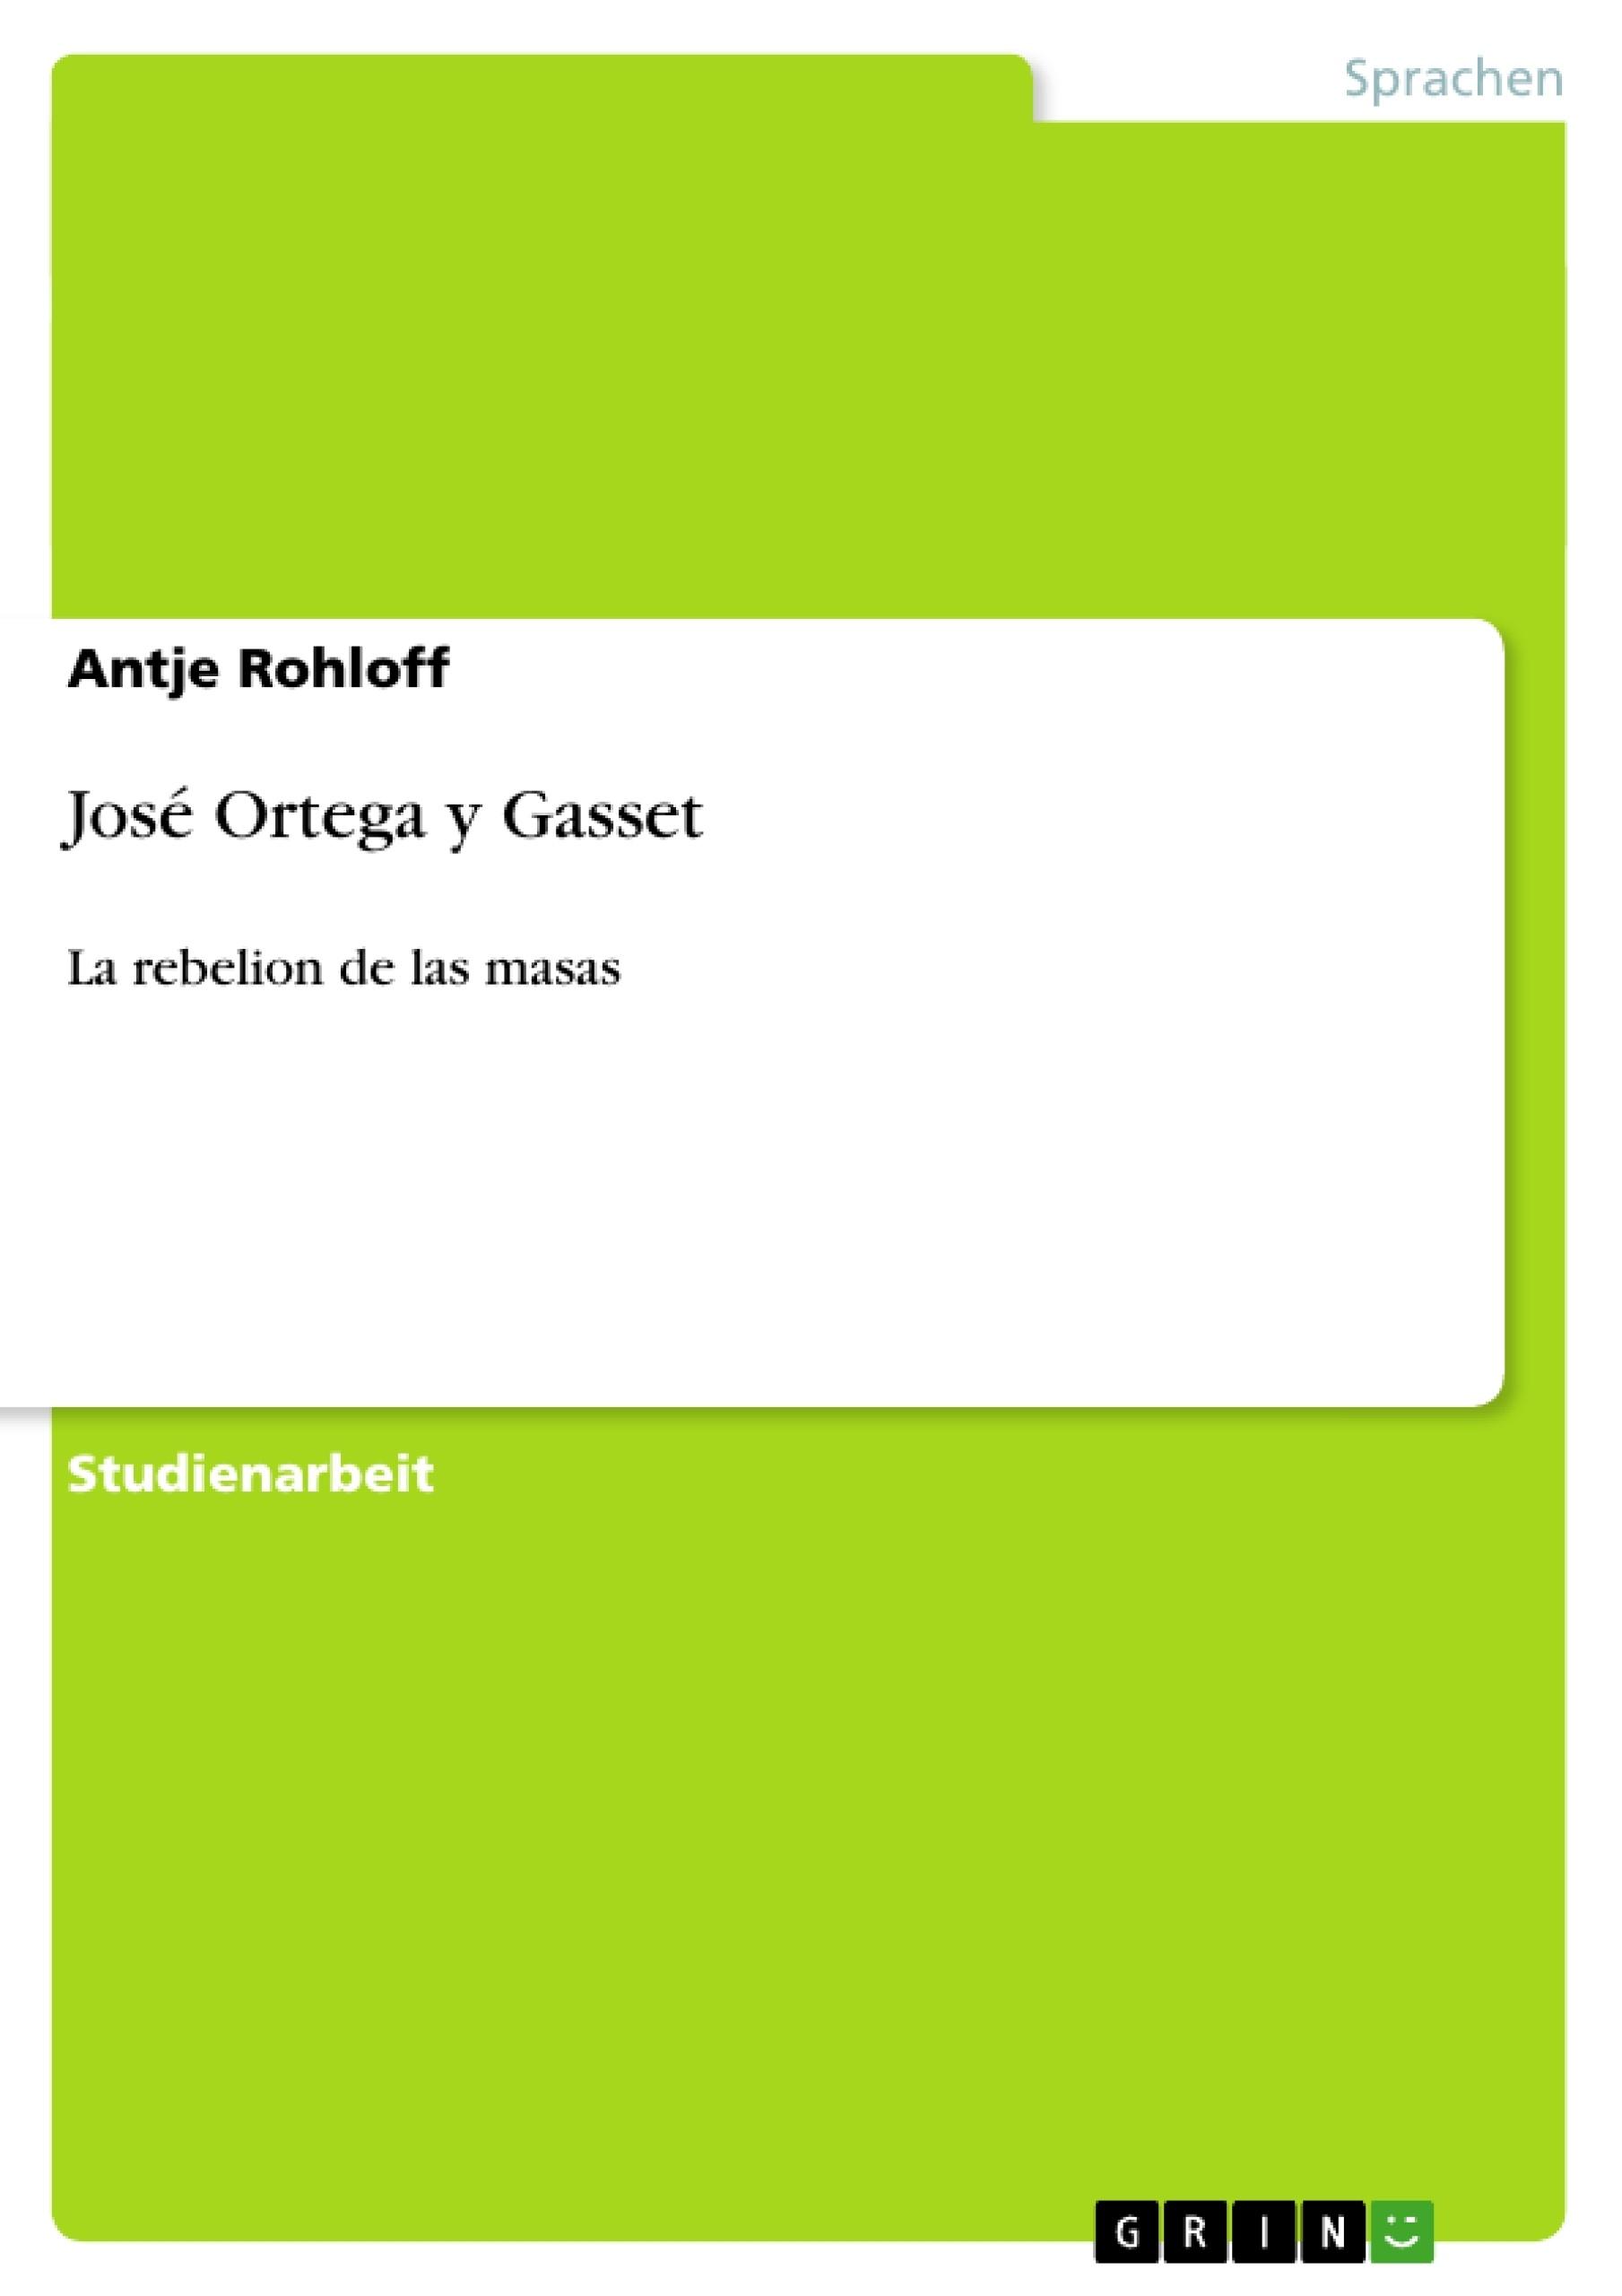 Titel: José Ortega y Gasset